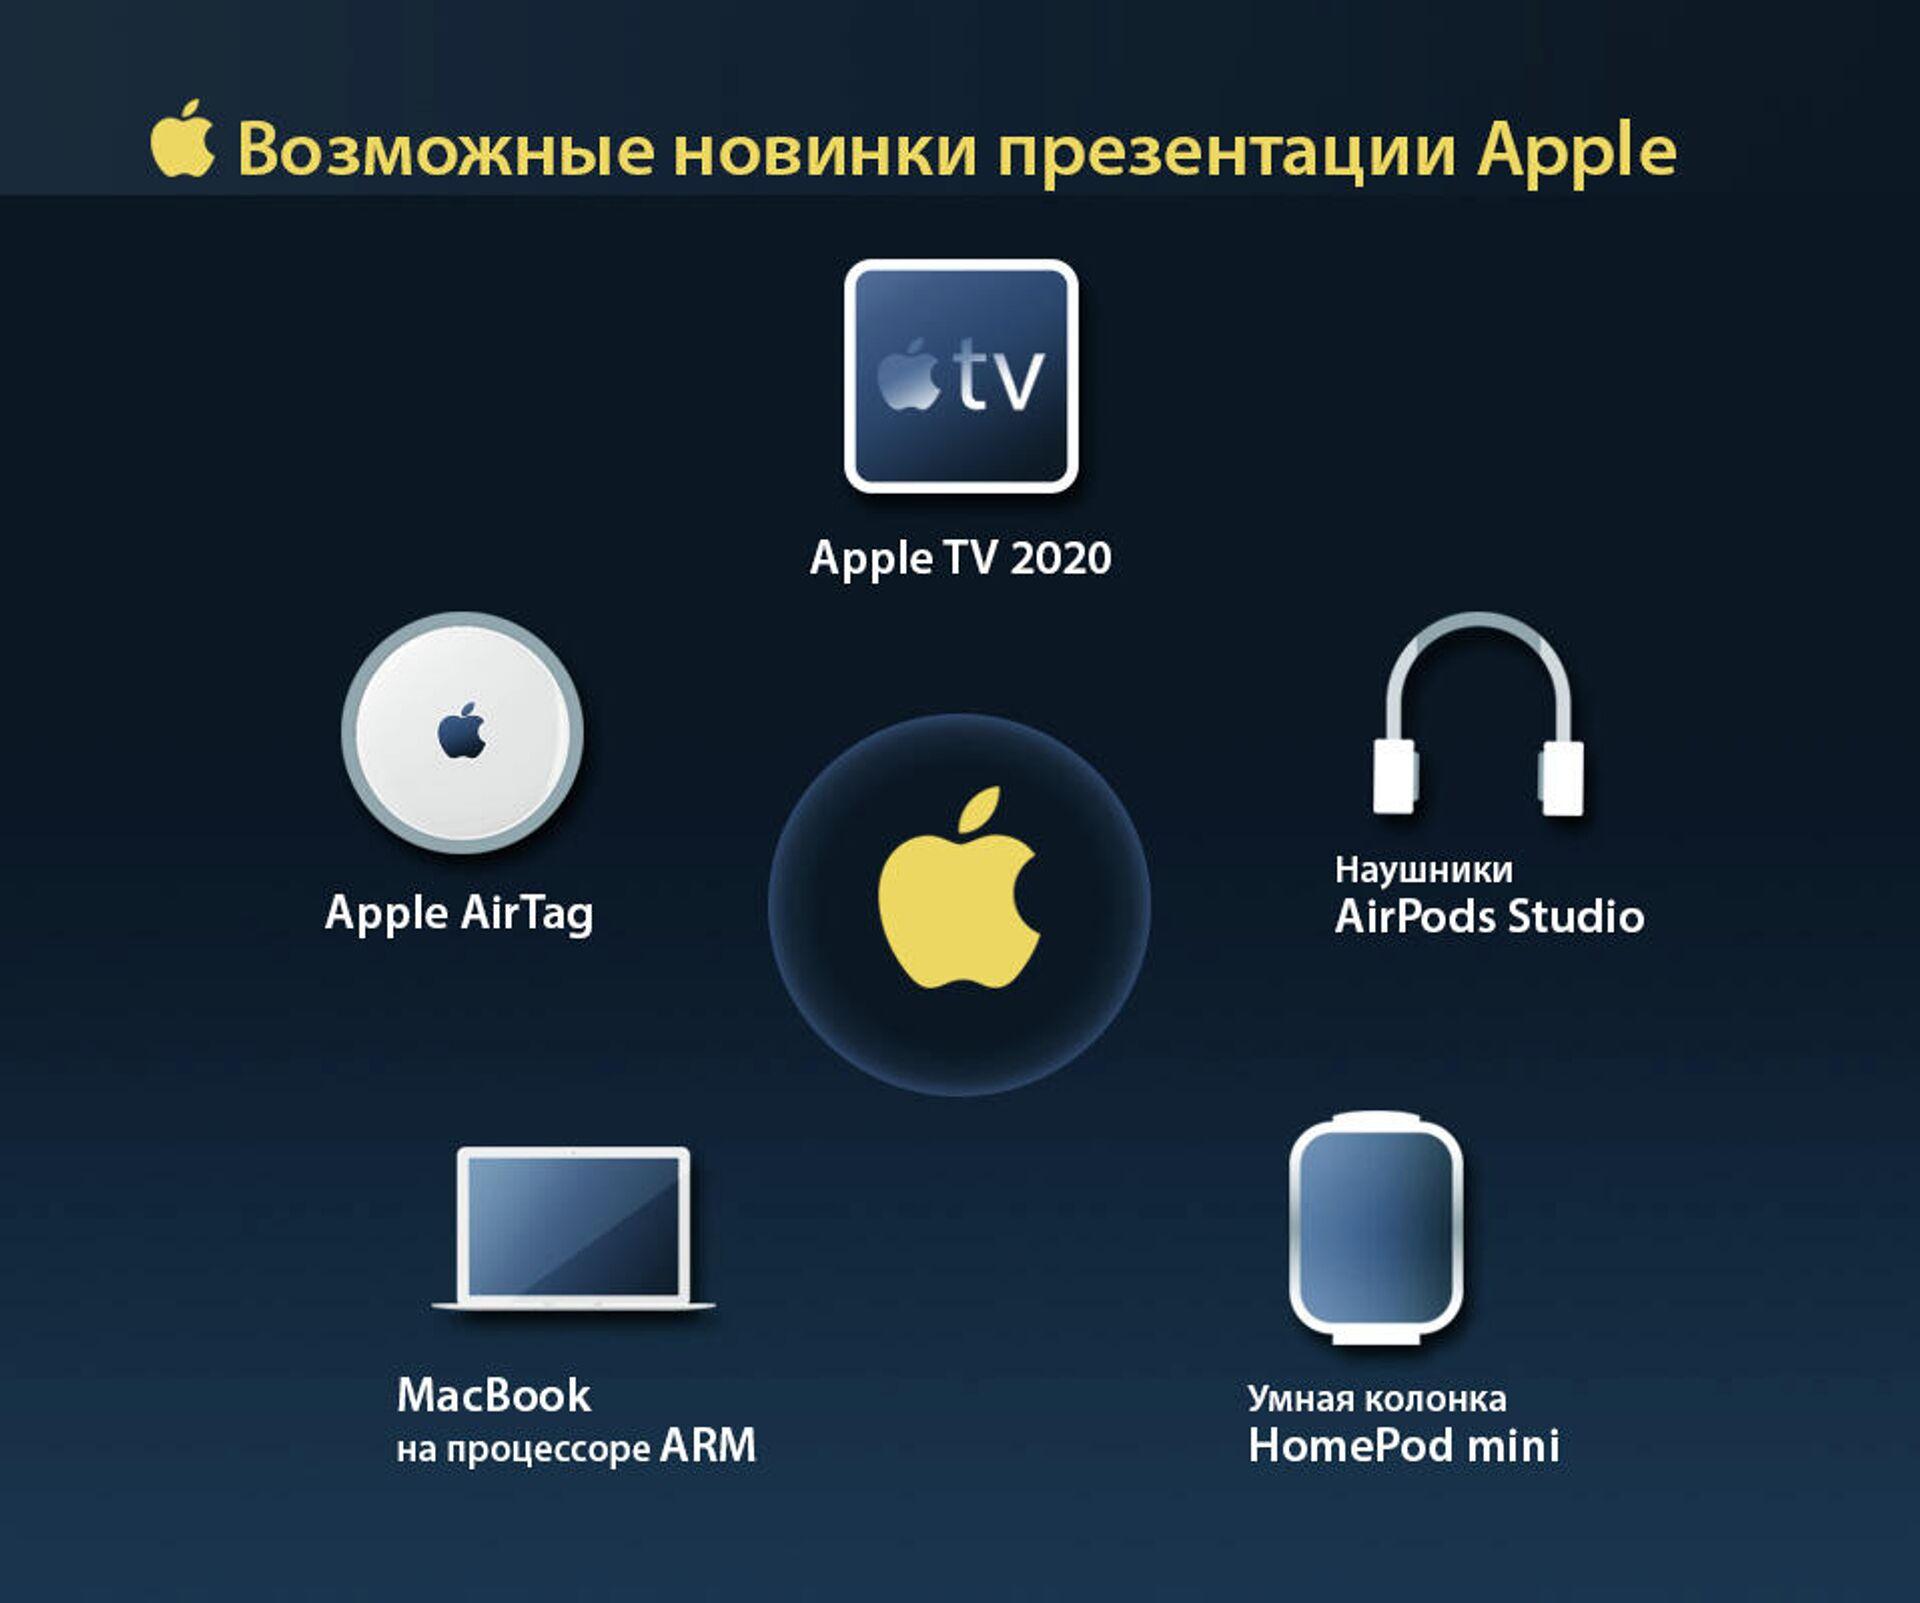 Возможные новинки презентации Apple - РИА Новости, 1920, 12.10.2020